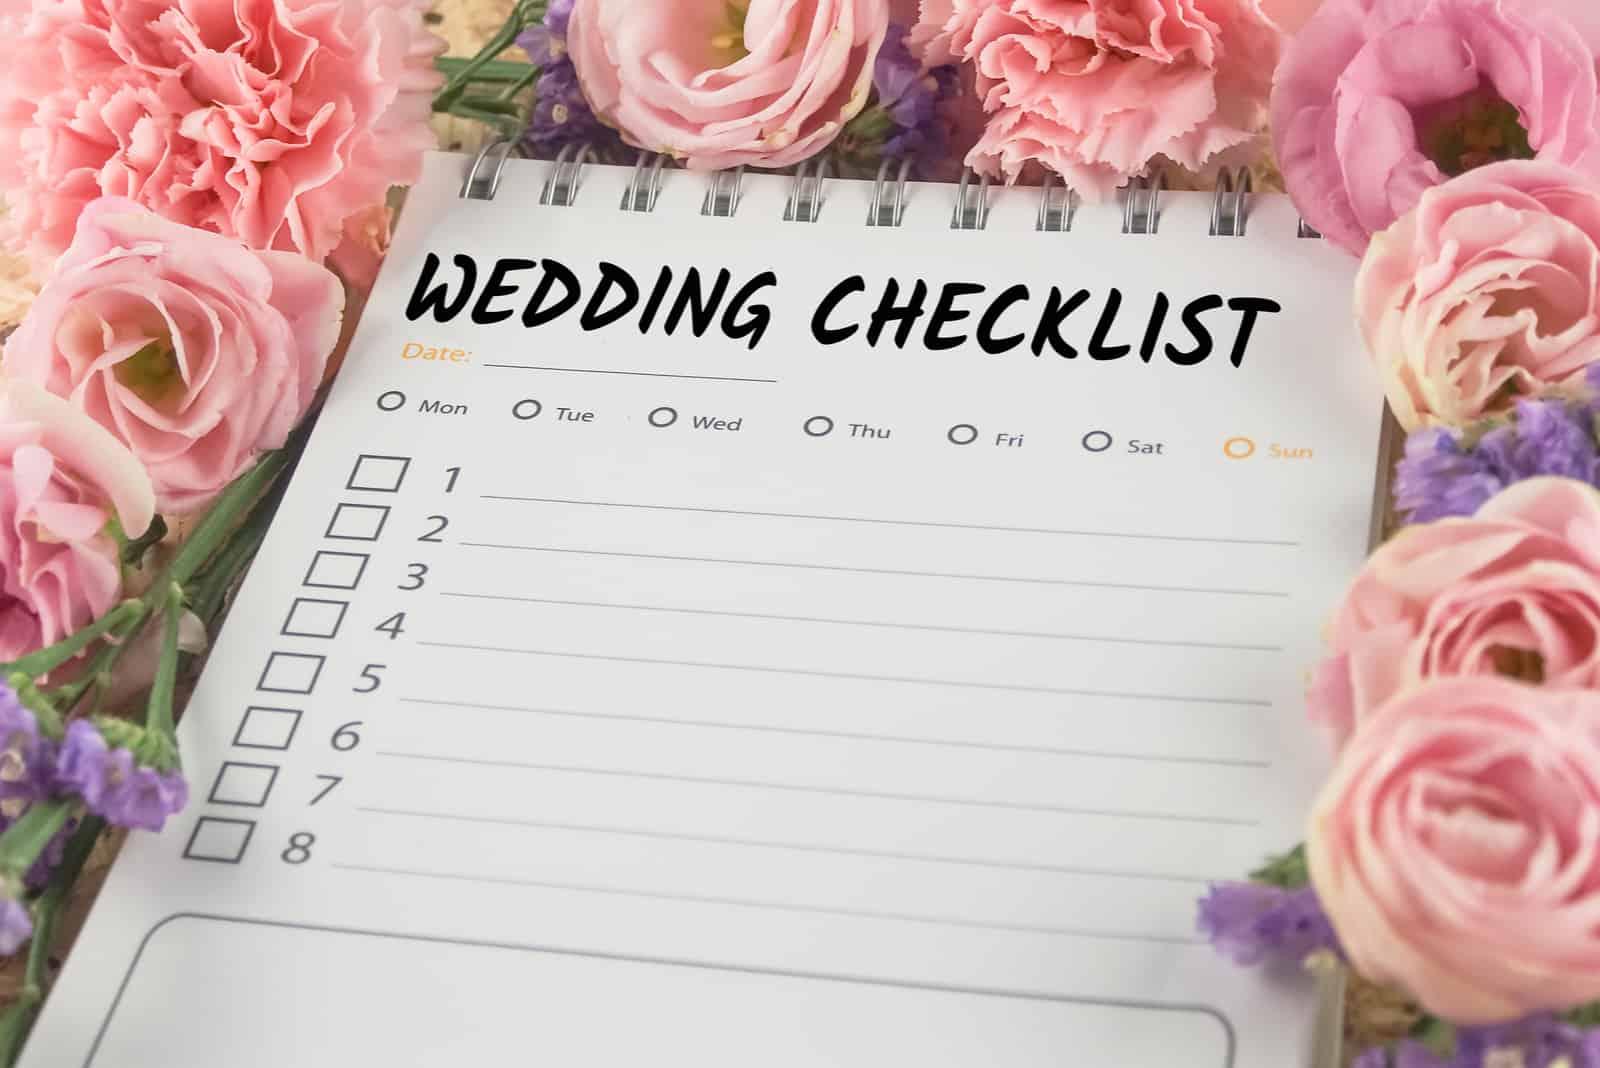 Hochzeitscheckliste Notizpapier auf rosa Blumenhintergrund